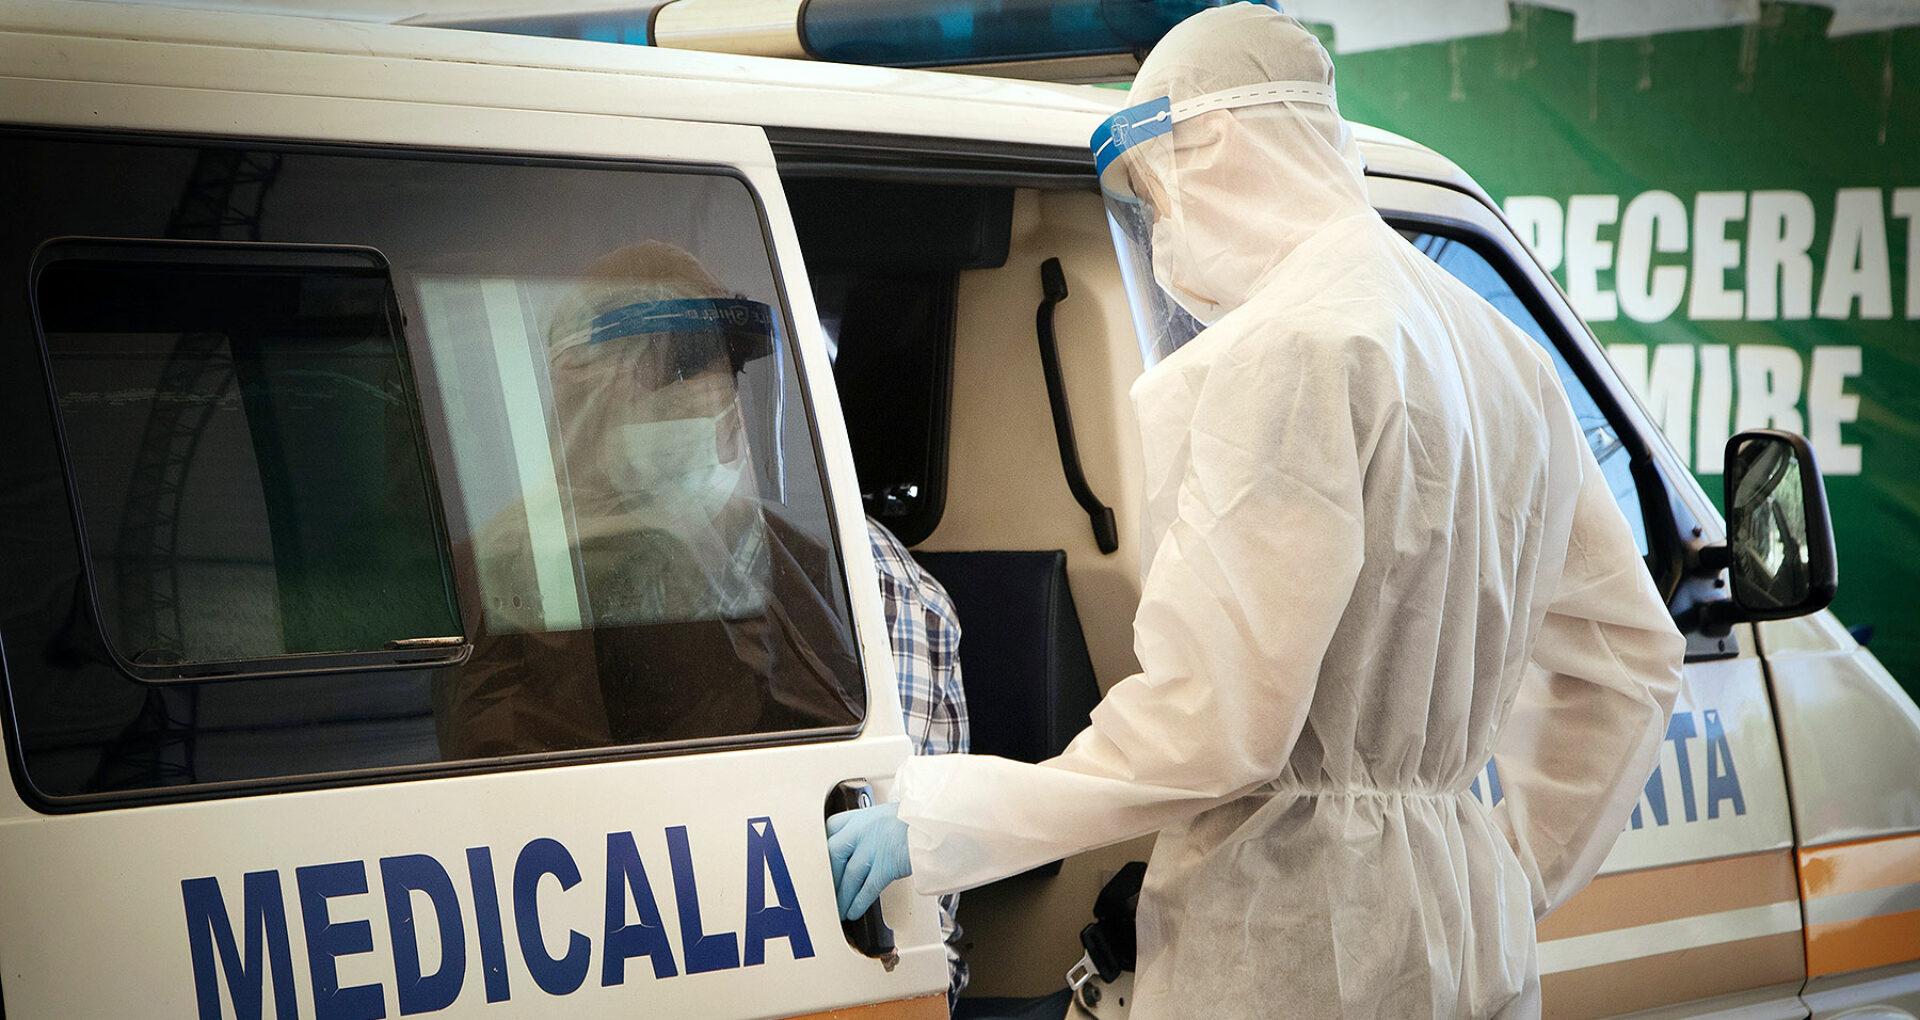 Statistică sumbră și tristă la Institutul de Medicină Urgentă. 12 pacienți de COVID-19 au decedat într-o singură zi, iar o țeavă de căldură s-a spart în secția de reanimare